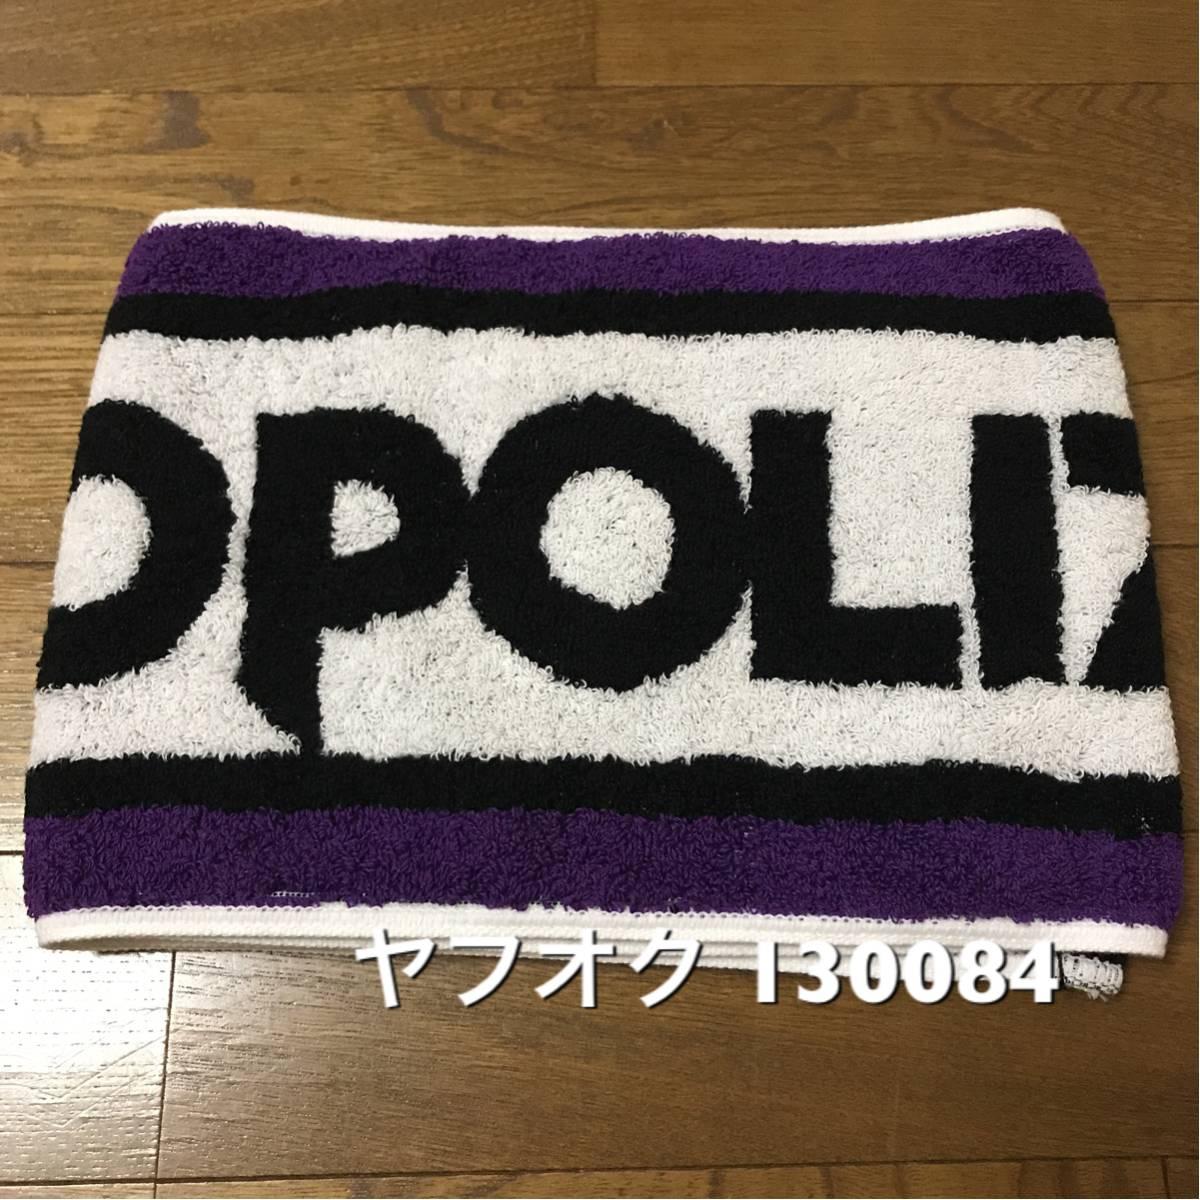 METRO POLIZ/メトロポリス/三代目J Soul Brothers/タオル/マフラータオル